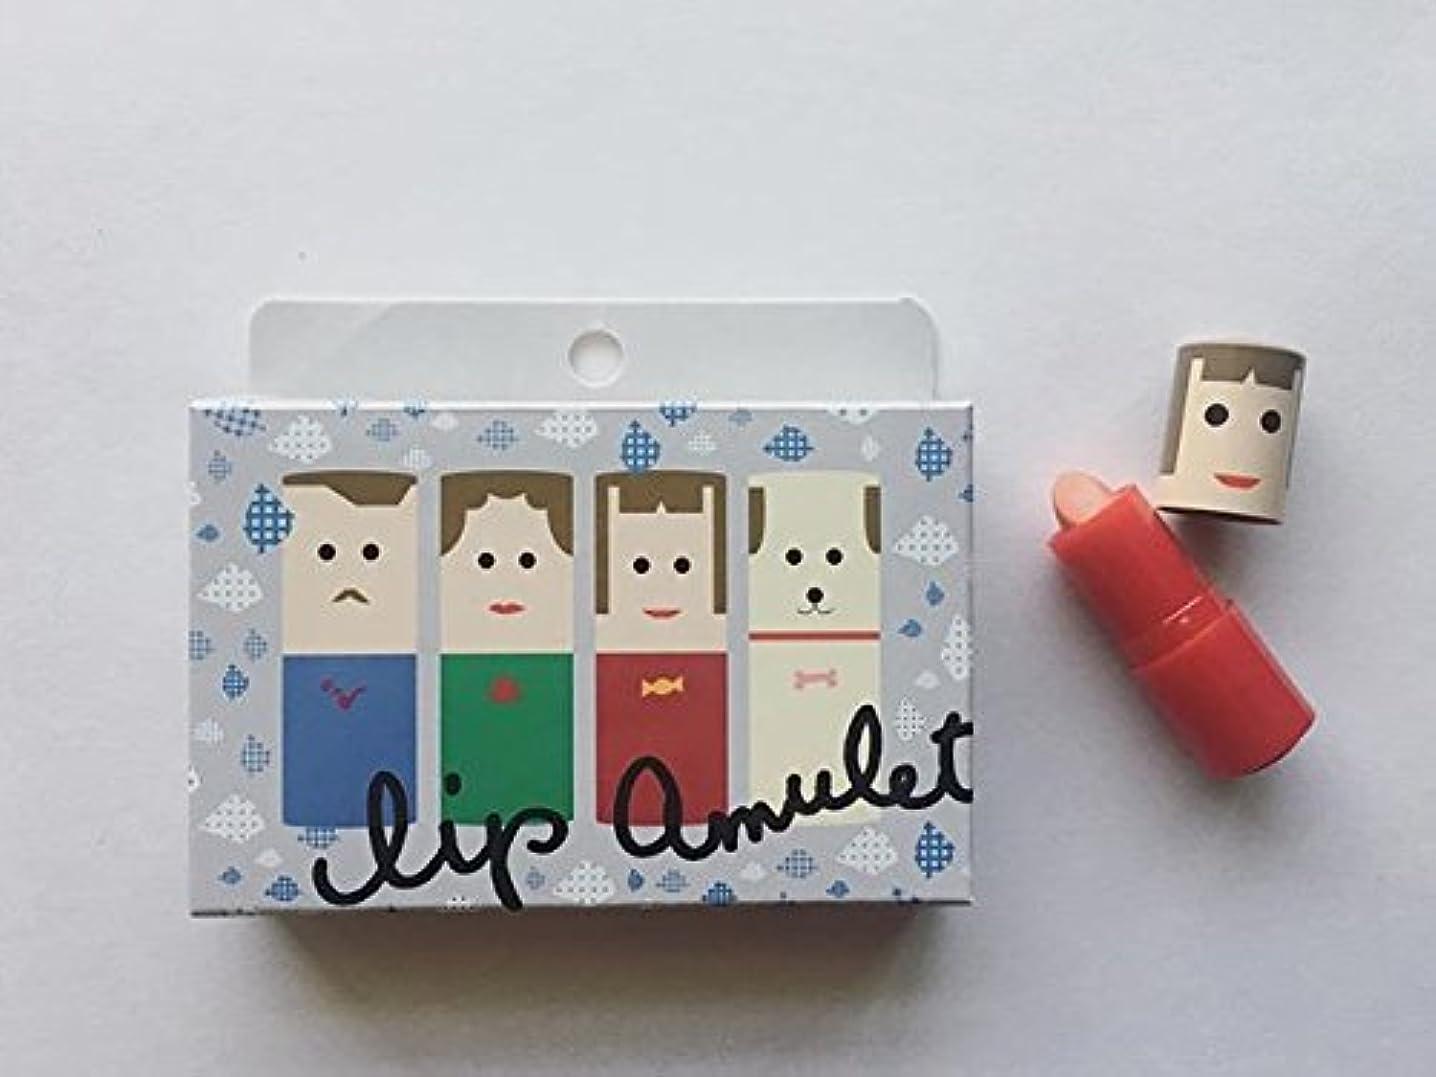 キャラクターリーガン異なる【台湾限定】資生堂 Shiseido リップアミュレット Lip Amulet お土産 コスメ 色つきリップ 4色セット